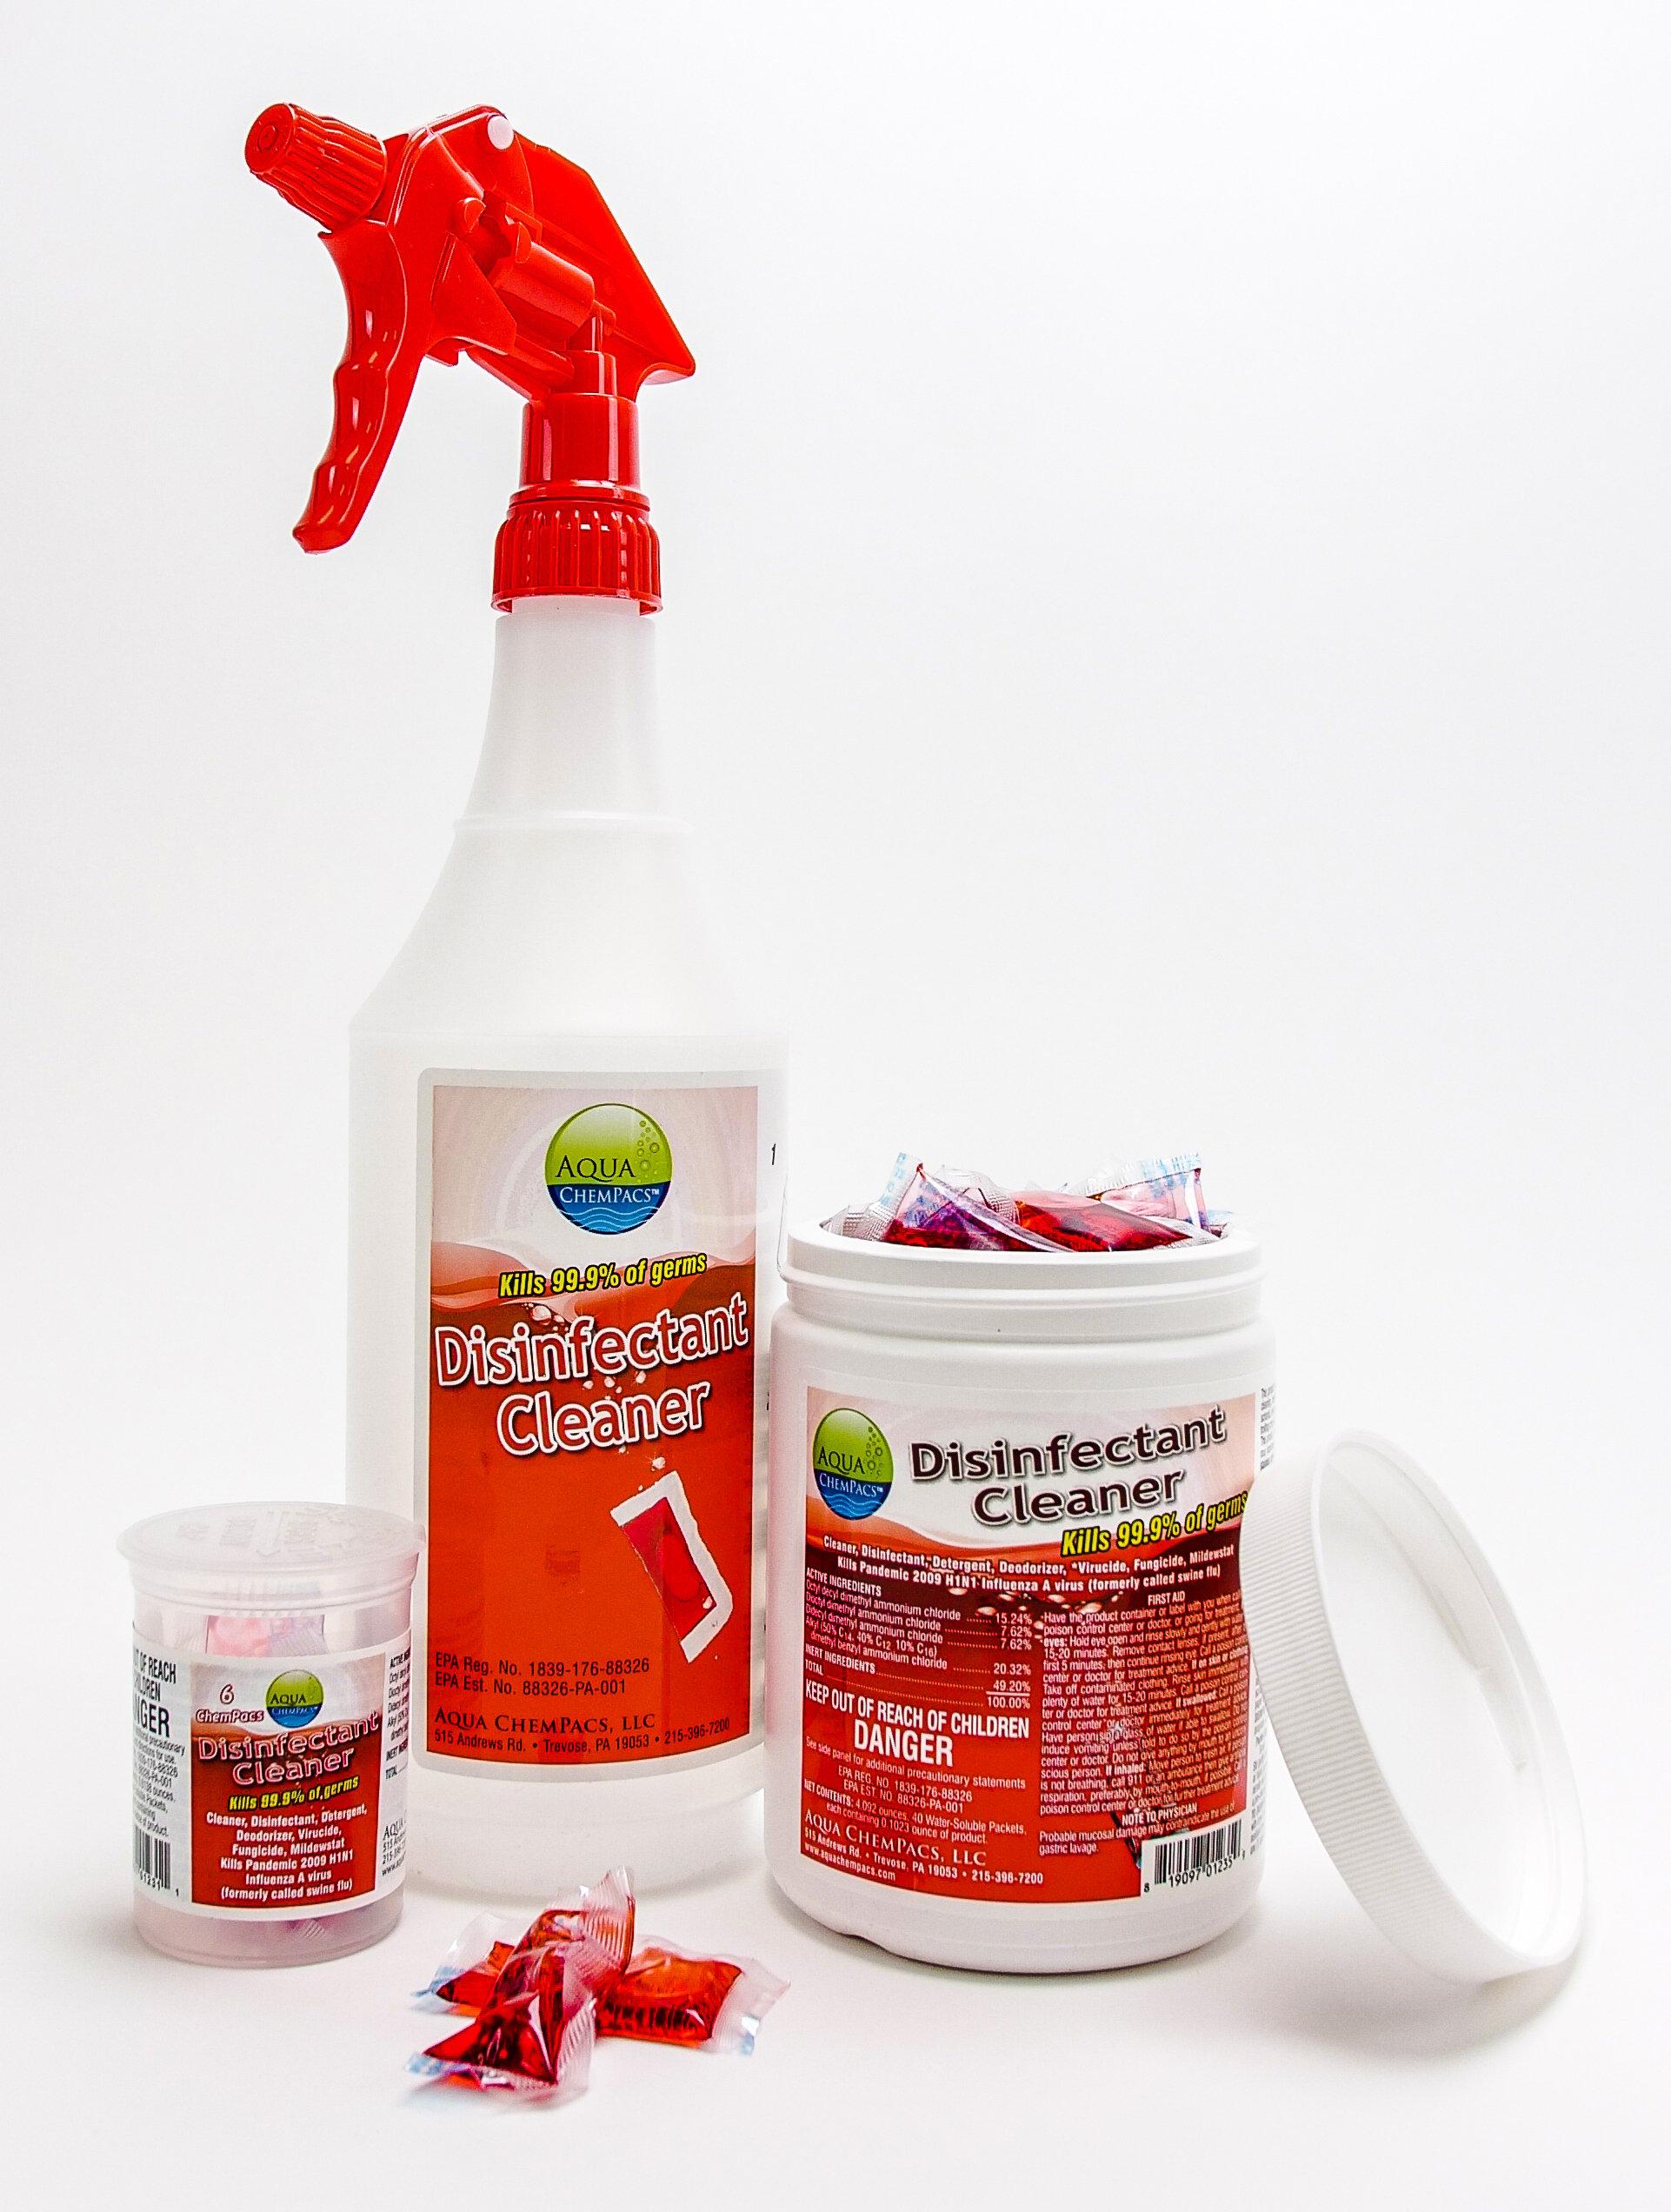 Kit-DisinfectantCleaner-1